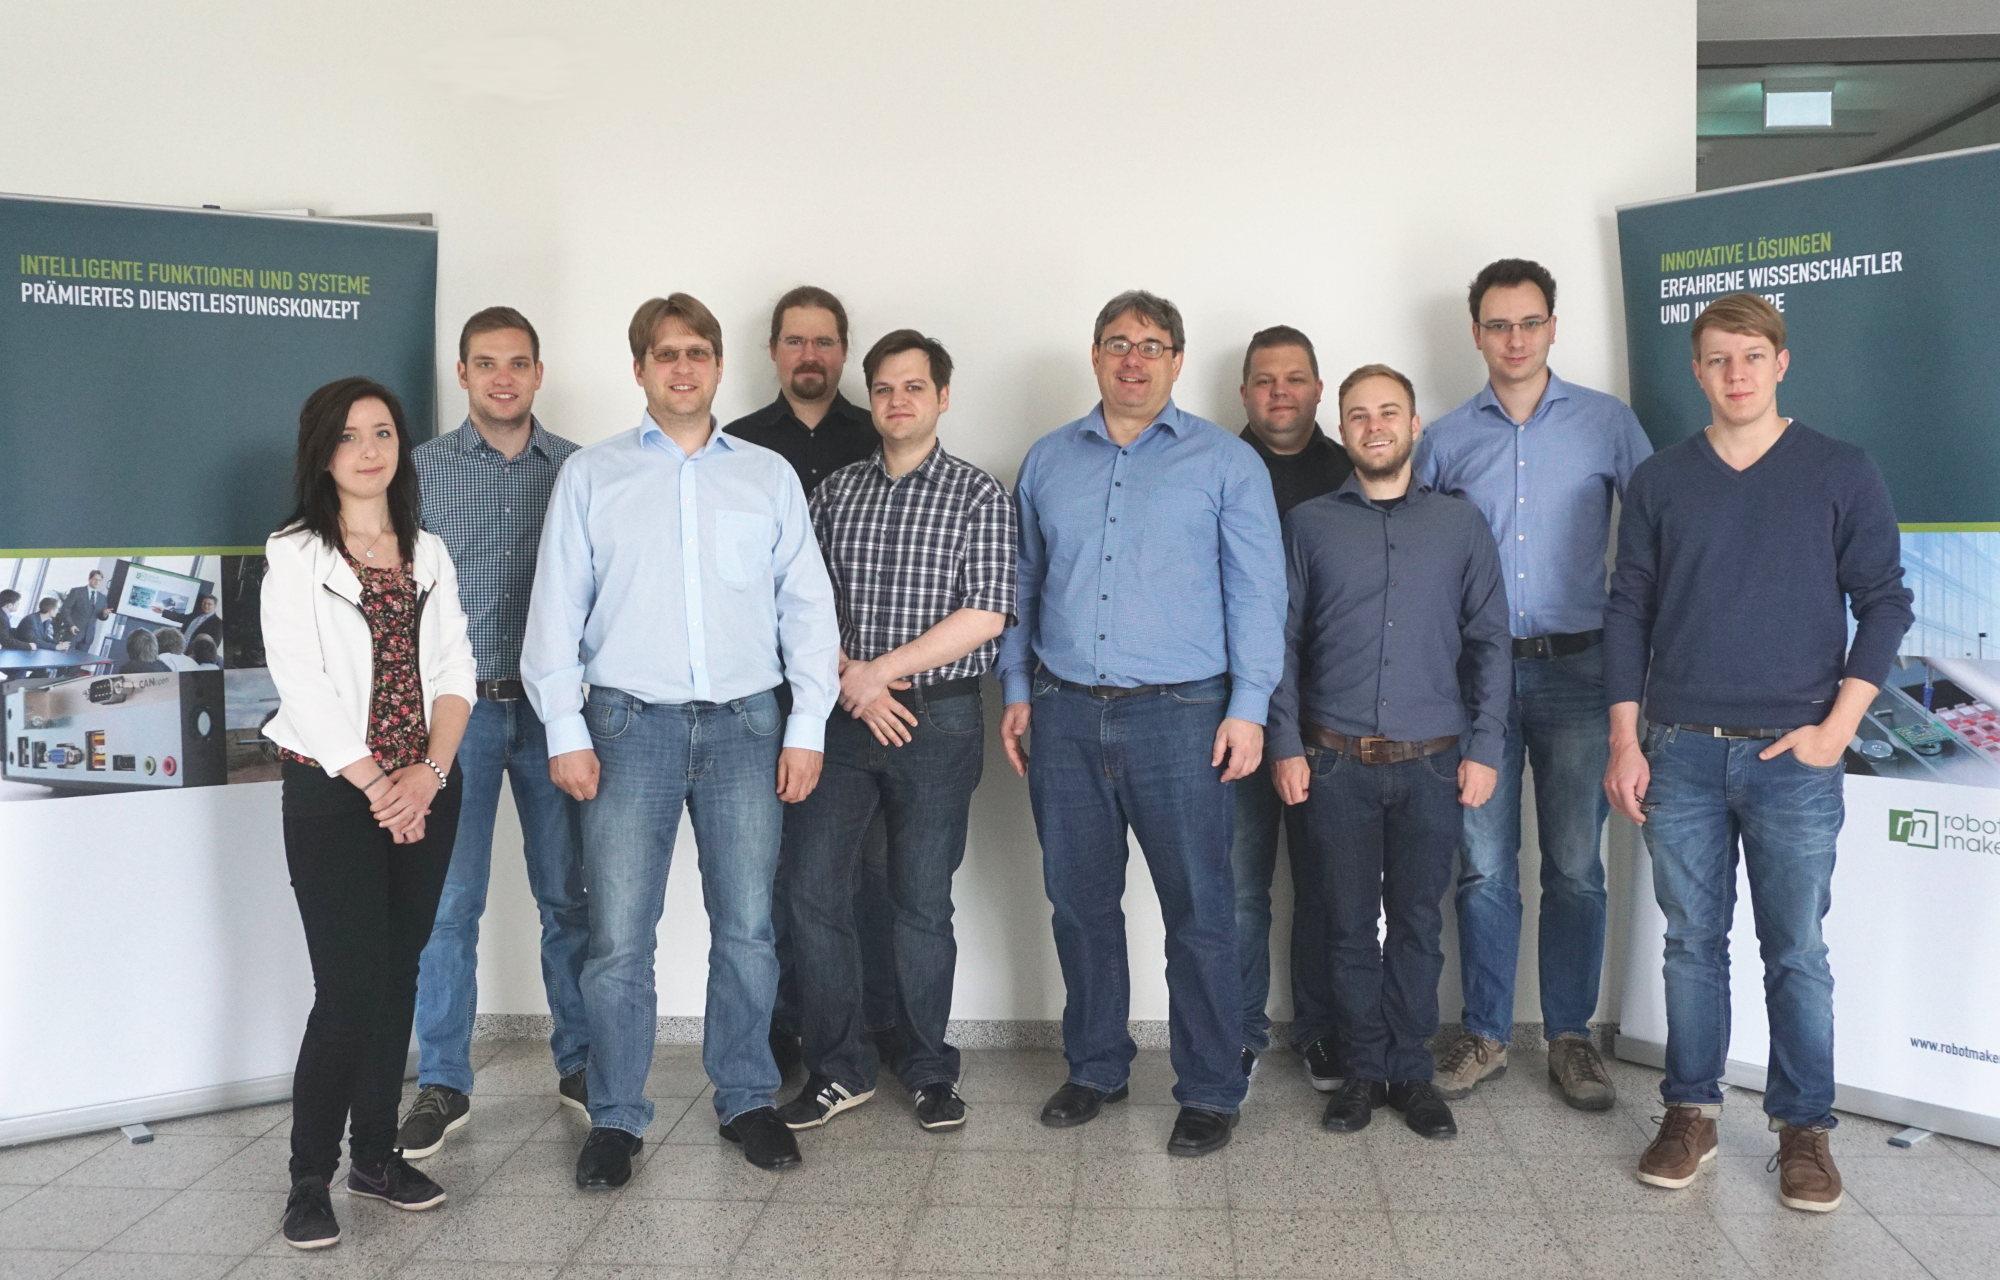 Die Robot Makers GmbH feiert ihr fünfjähriges Bestehen